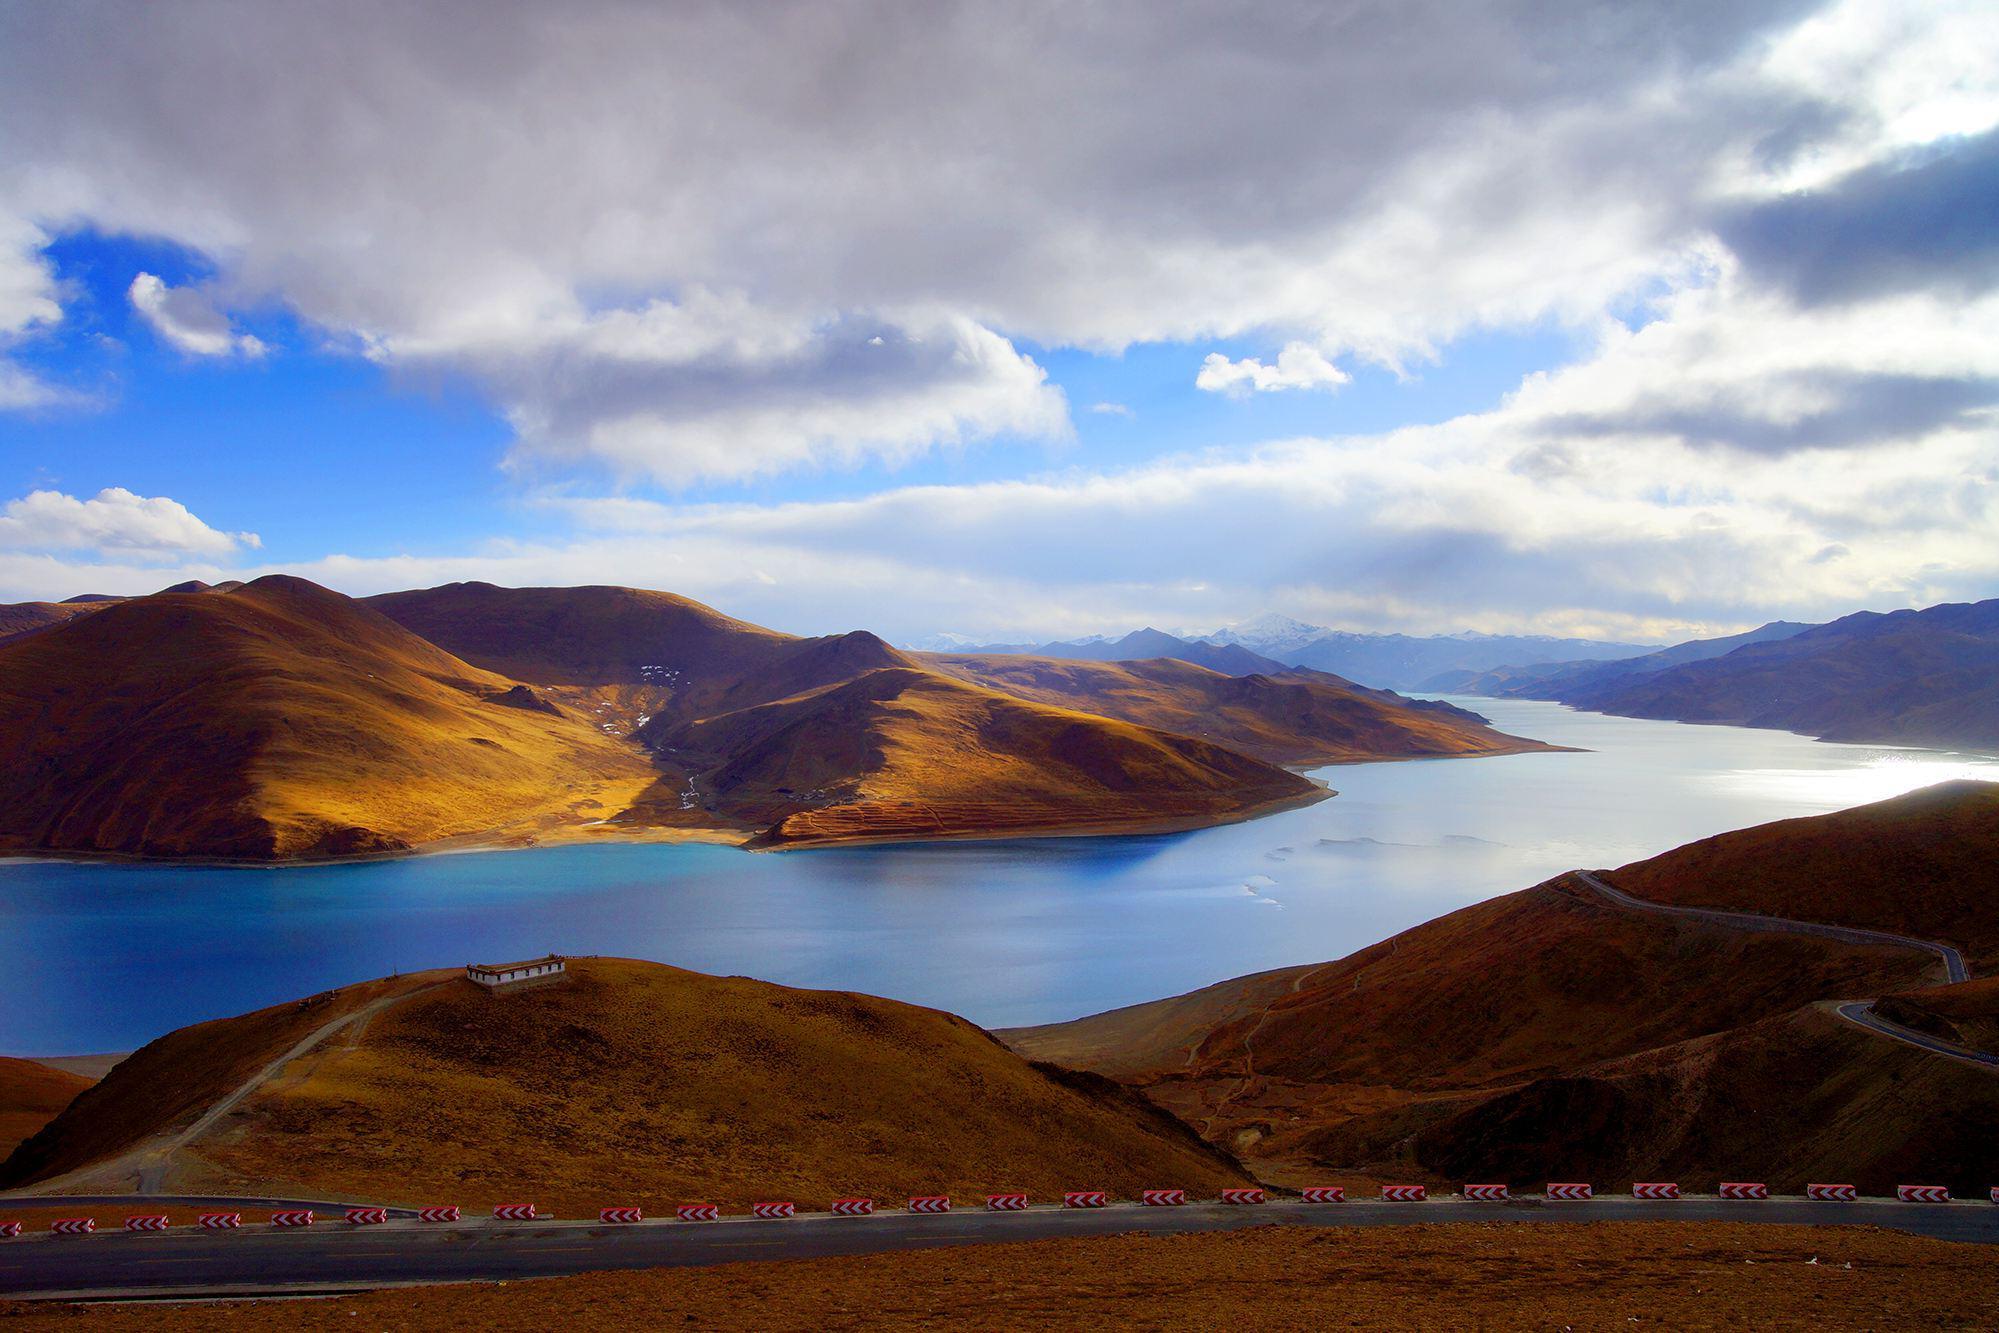 西藏自驾游你需要做这些准备工作